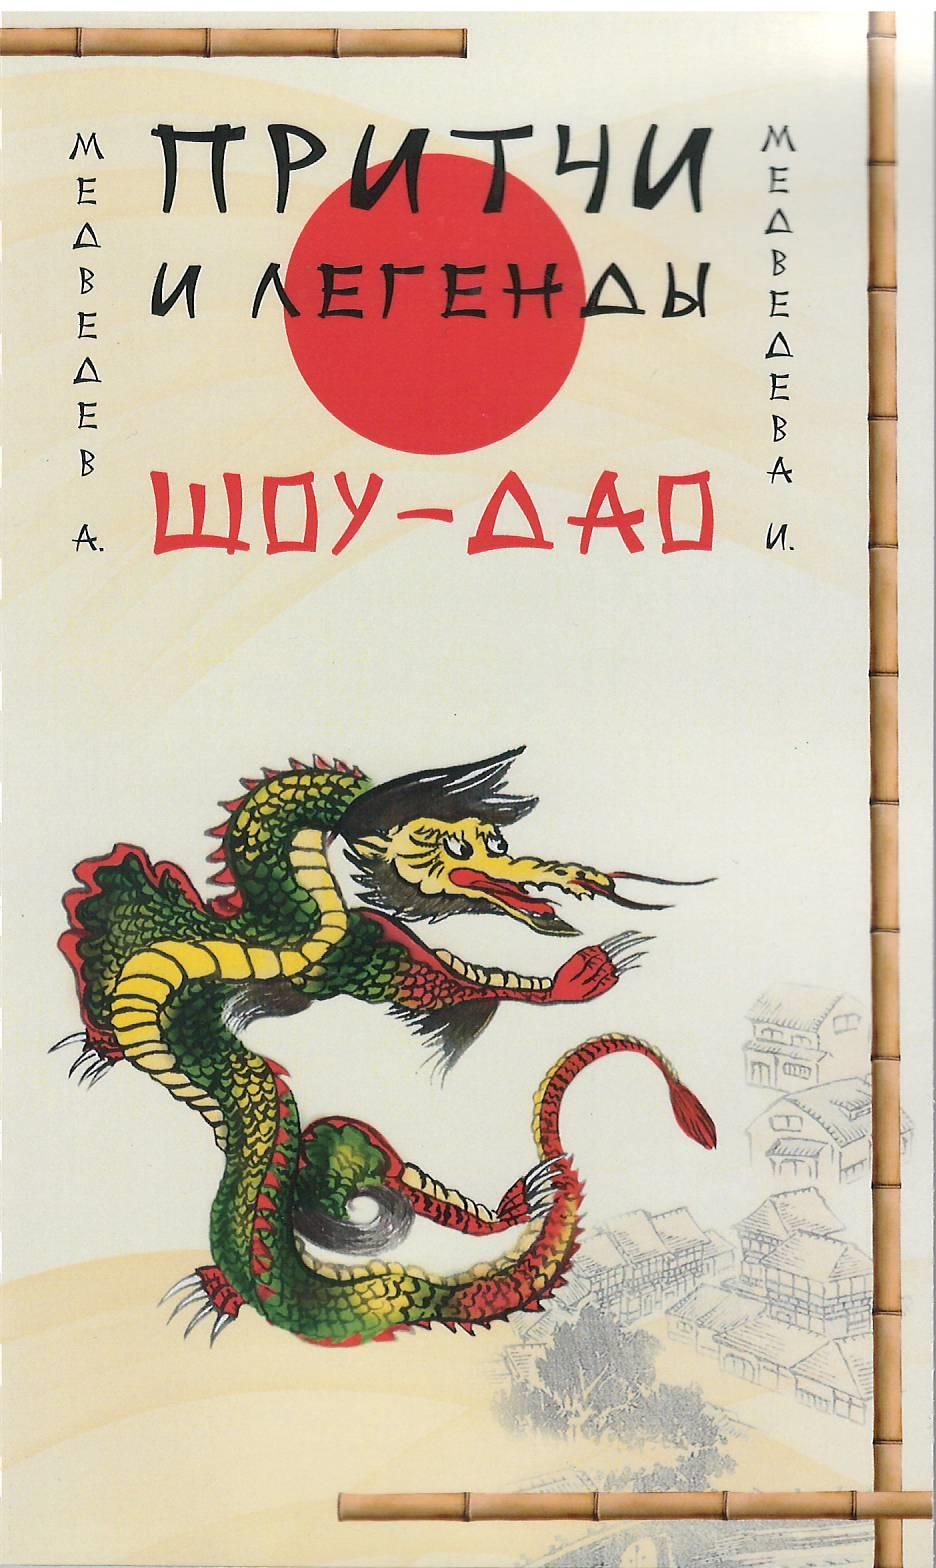 Притчи и легенды Шоу-Дао. 2-е изд